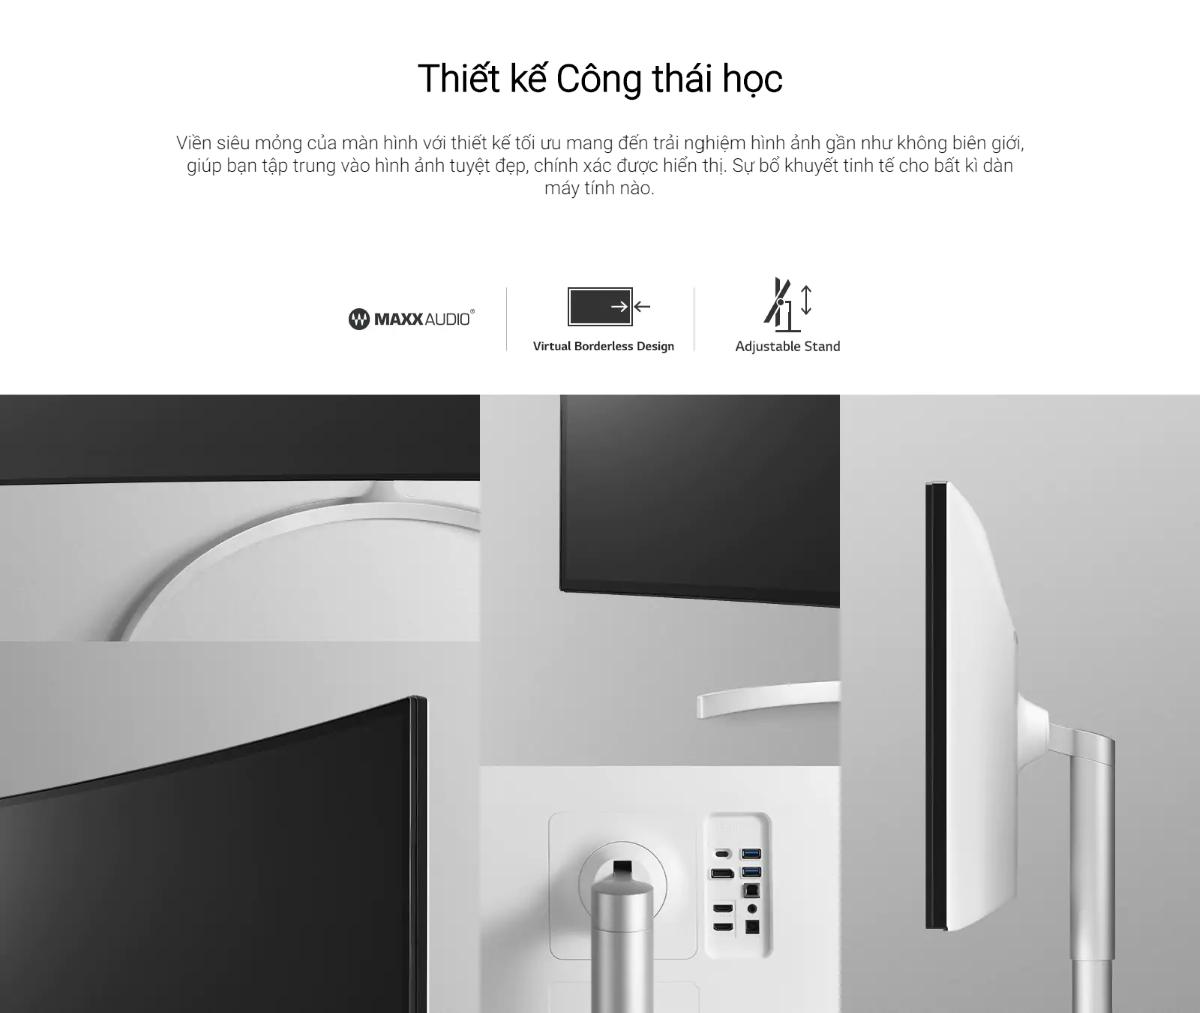 Màn hình LG 34WK95C-W thiết kế gọn gàng